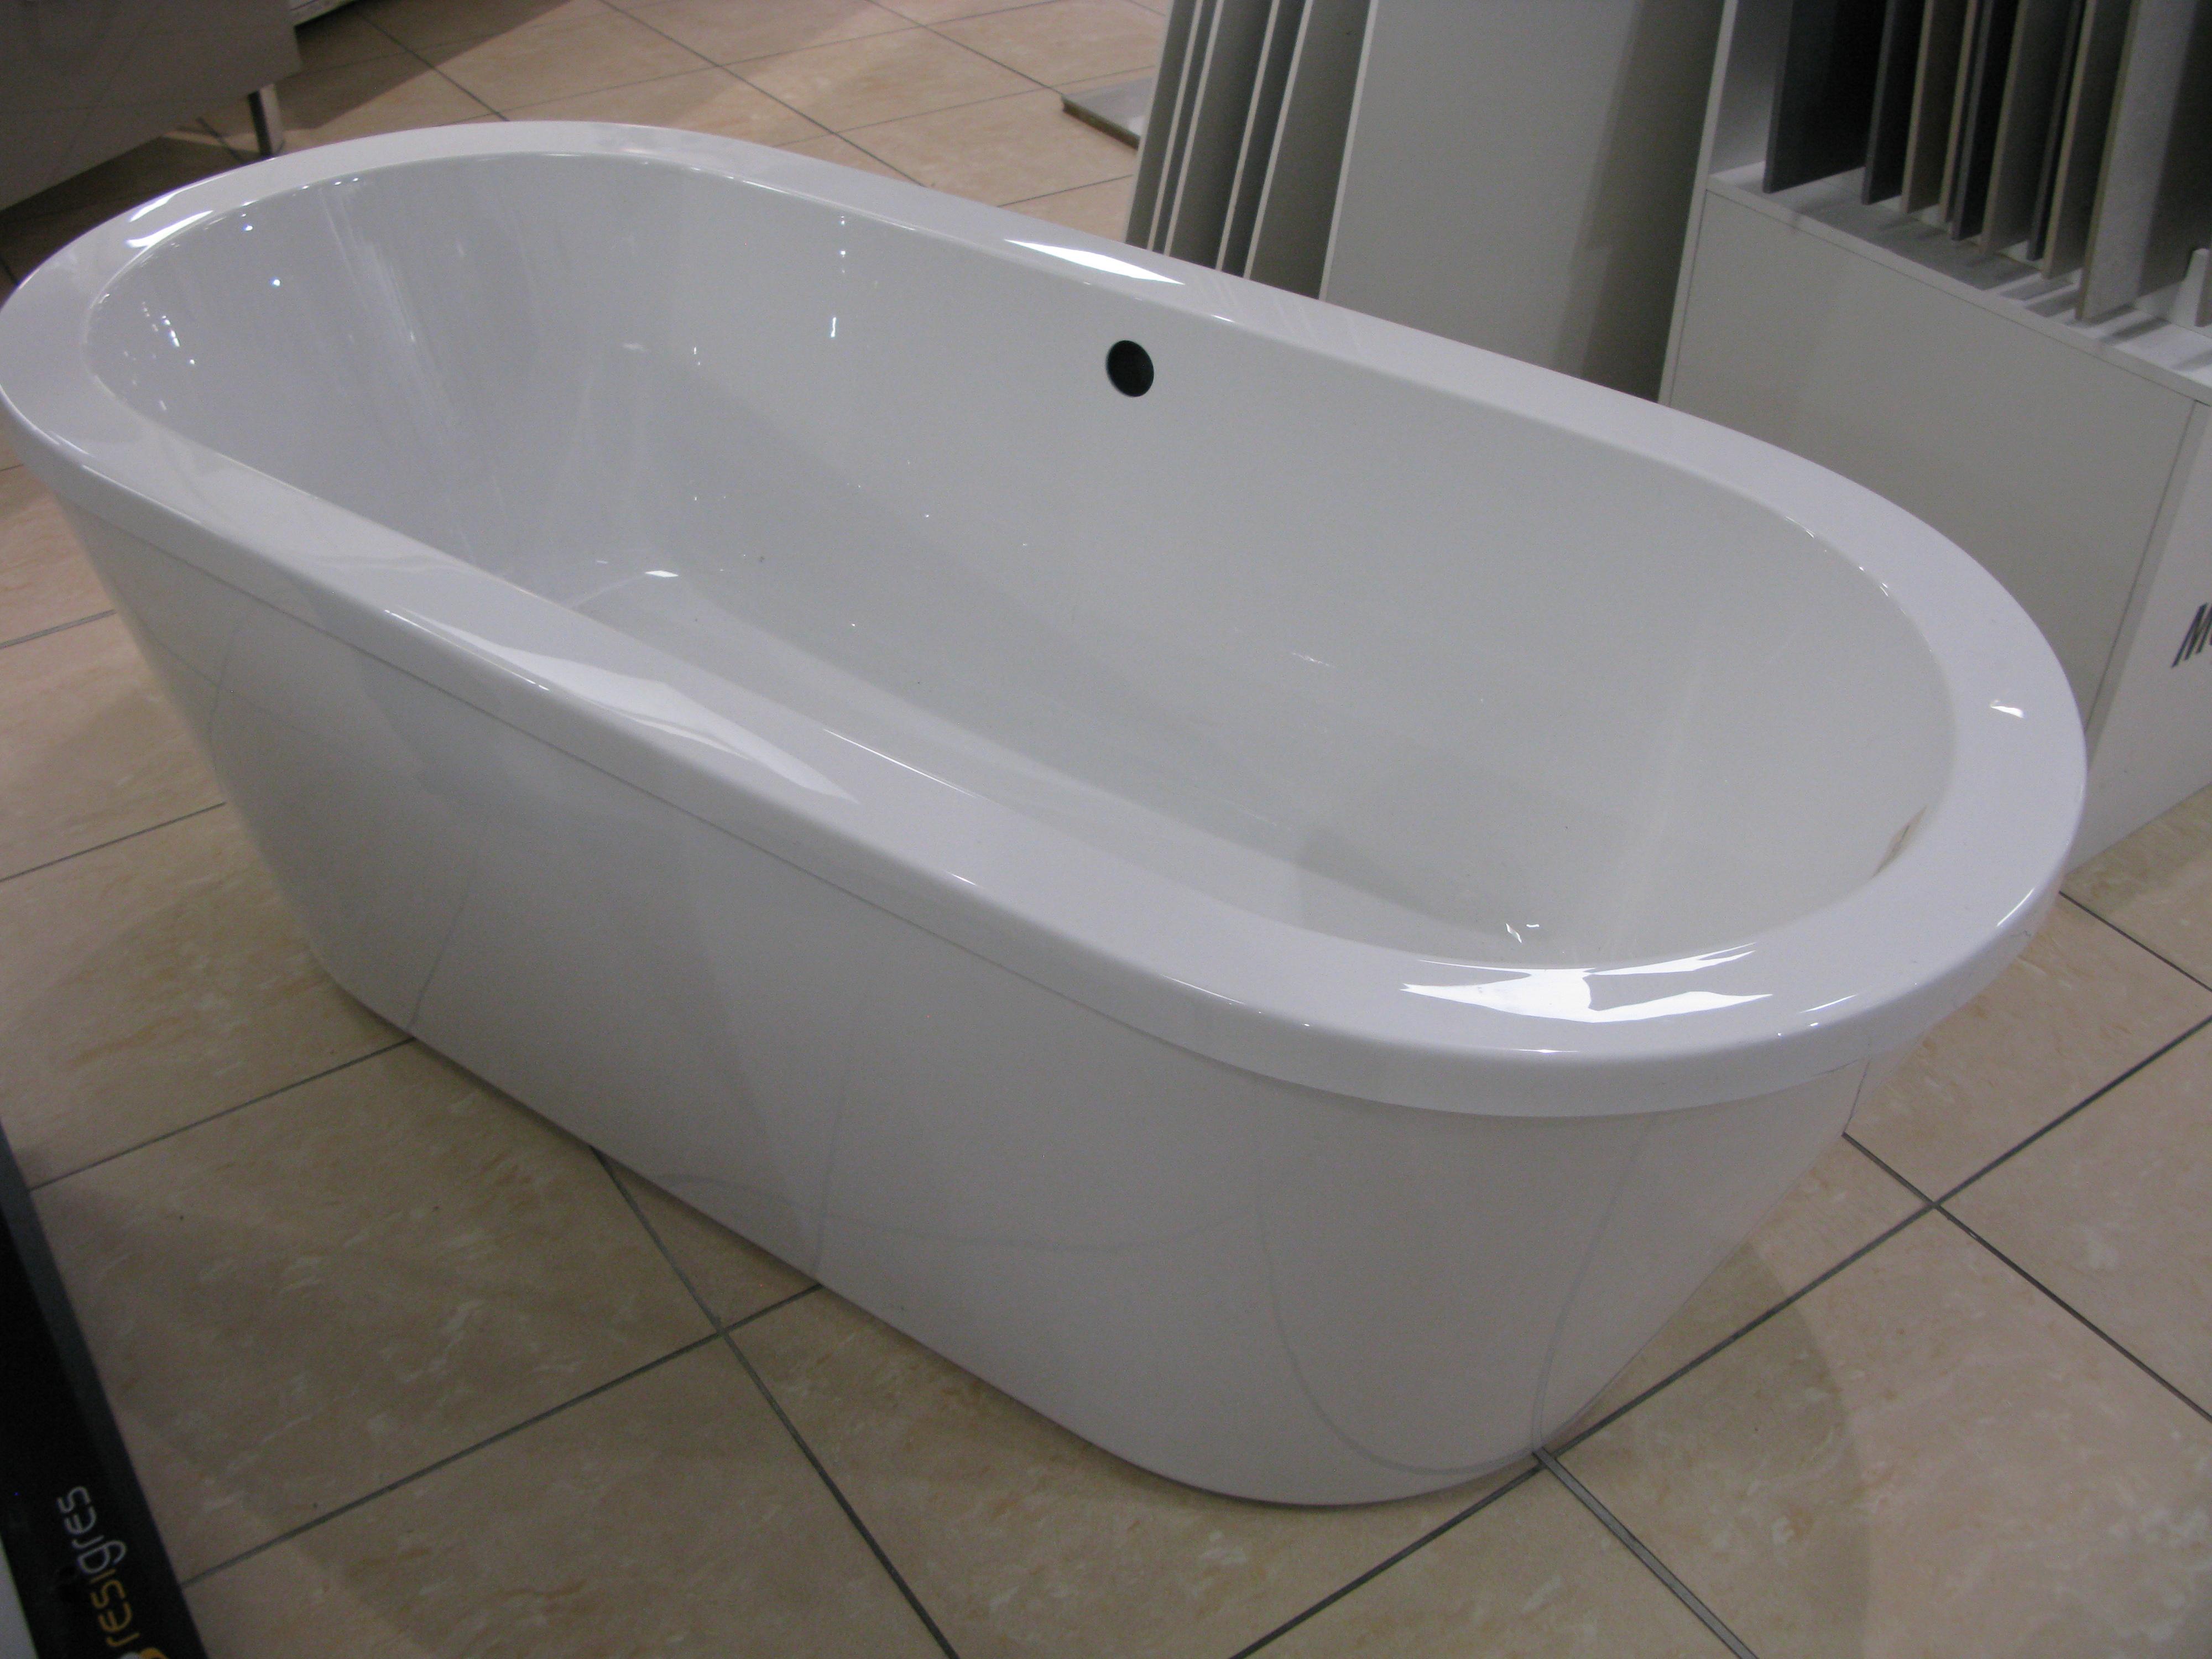 Baignoire Ilot Baignoire Baignoire Et Sanitaire Carrelage